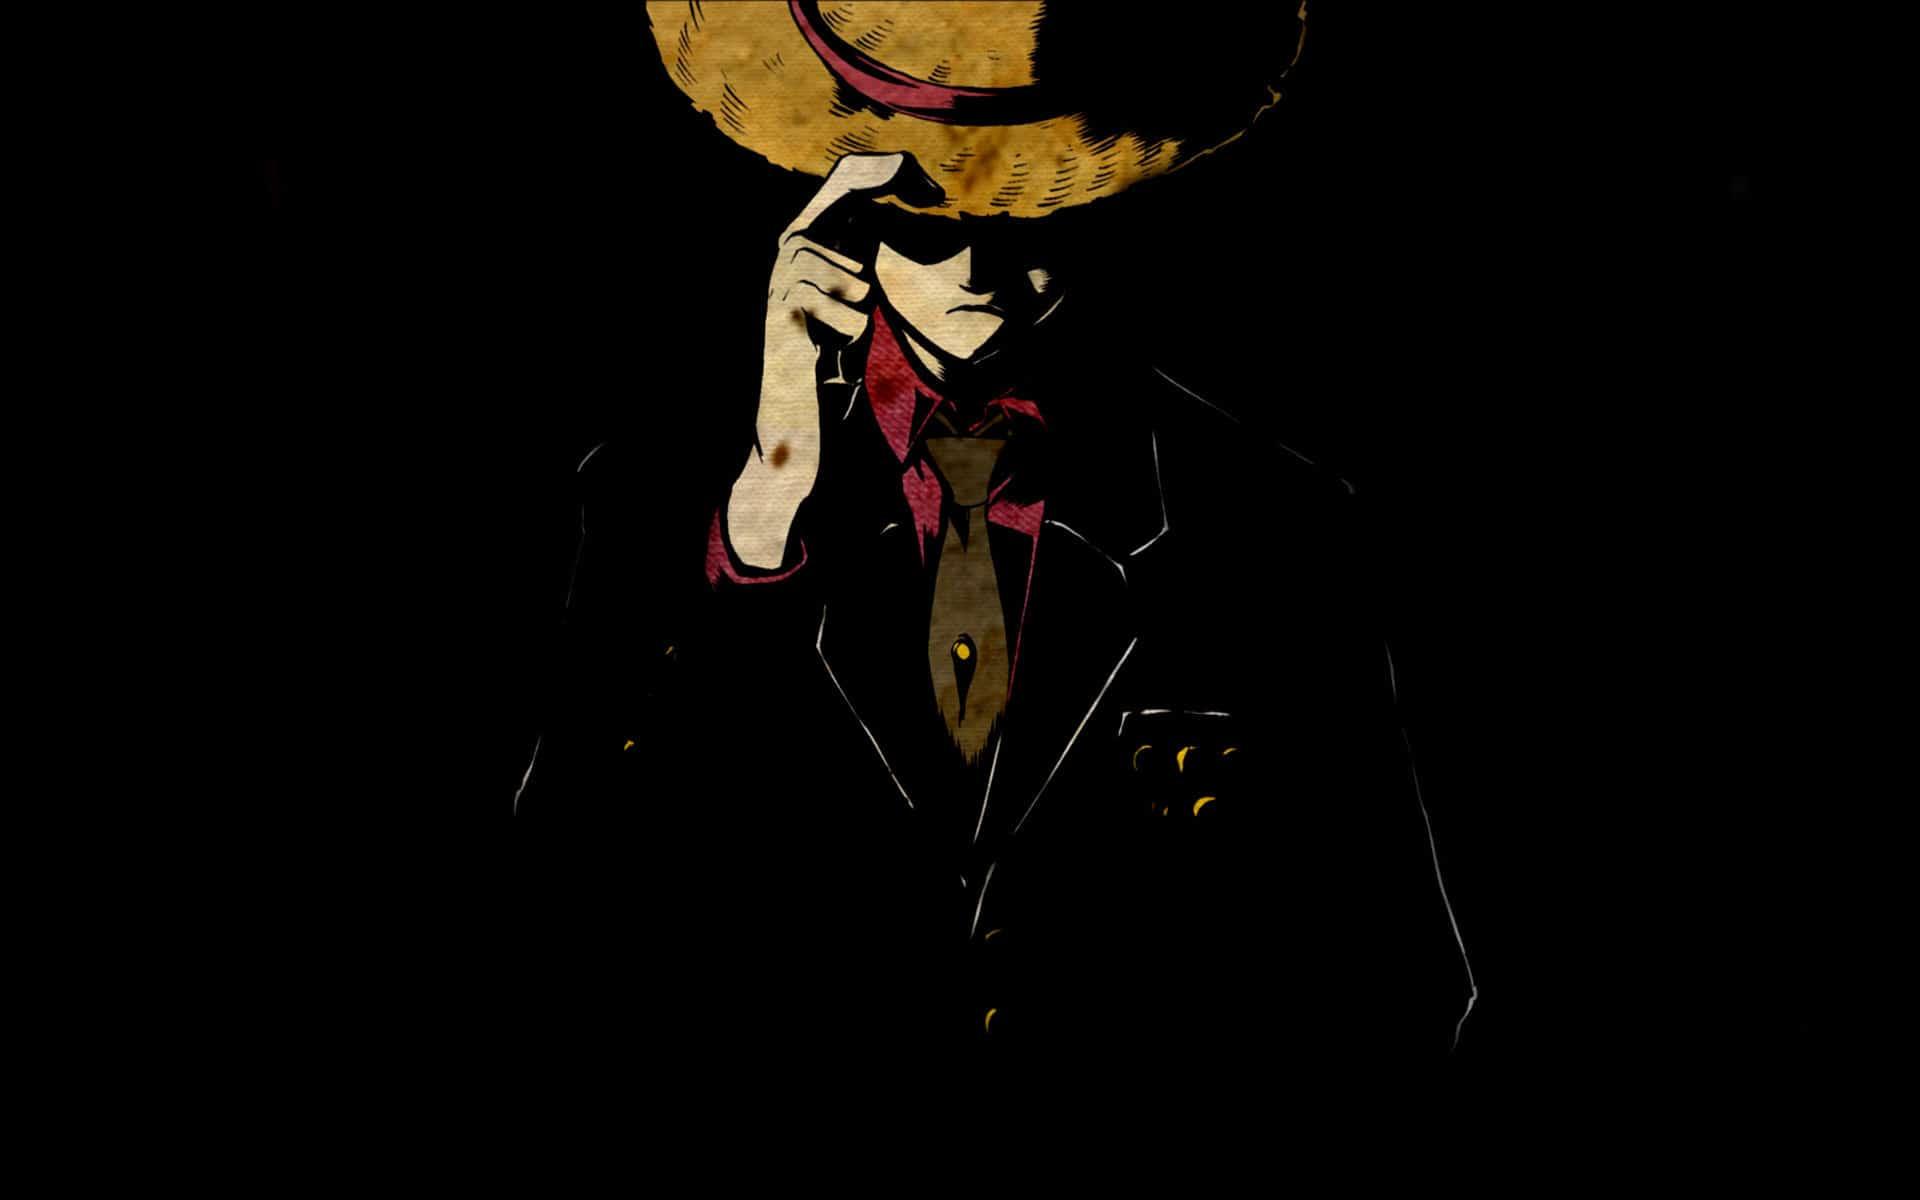 Hình ảnh Luffy vest và nền đen cực đẹp